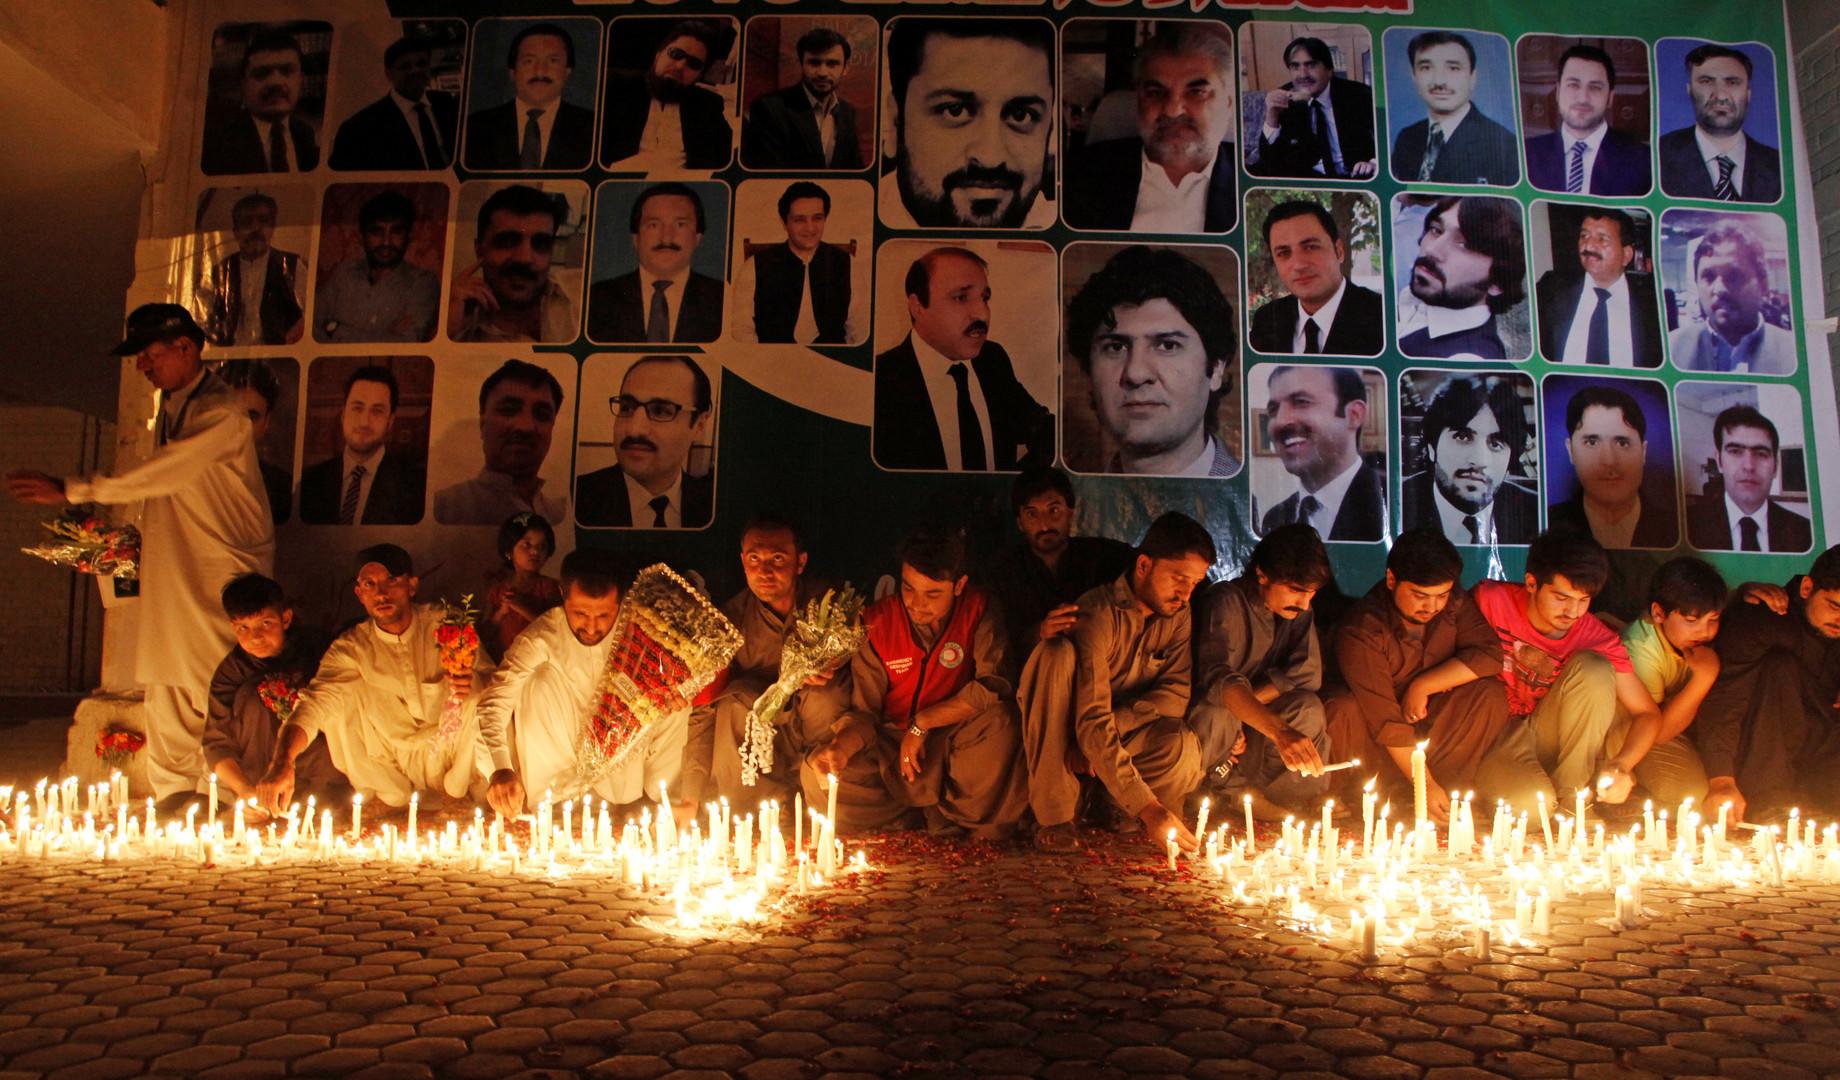 Жители пакистанского города Кветта зажигают свечи в память о юристах, погибших в результате взрыва в гражданском госпитале